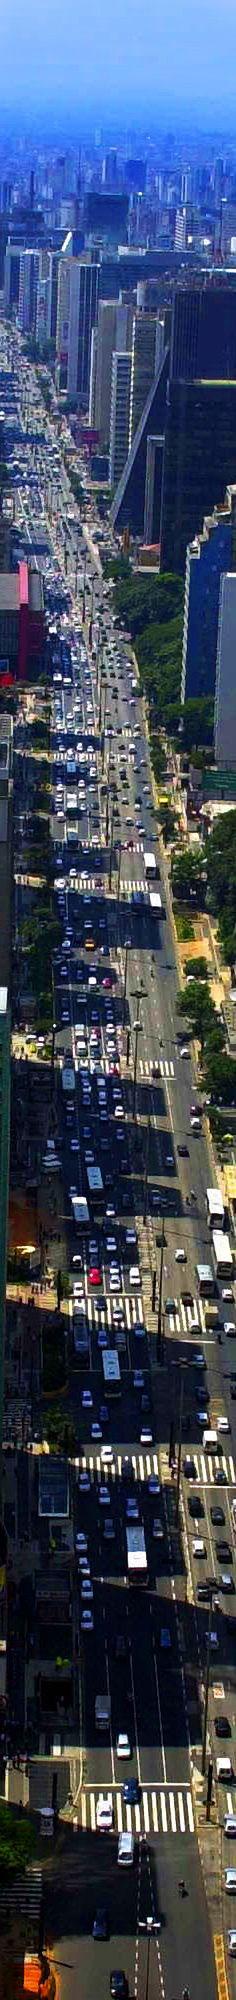 Avenida Paulista, São Paulo Brasil